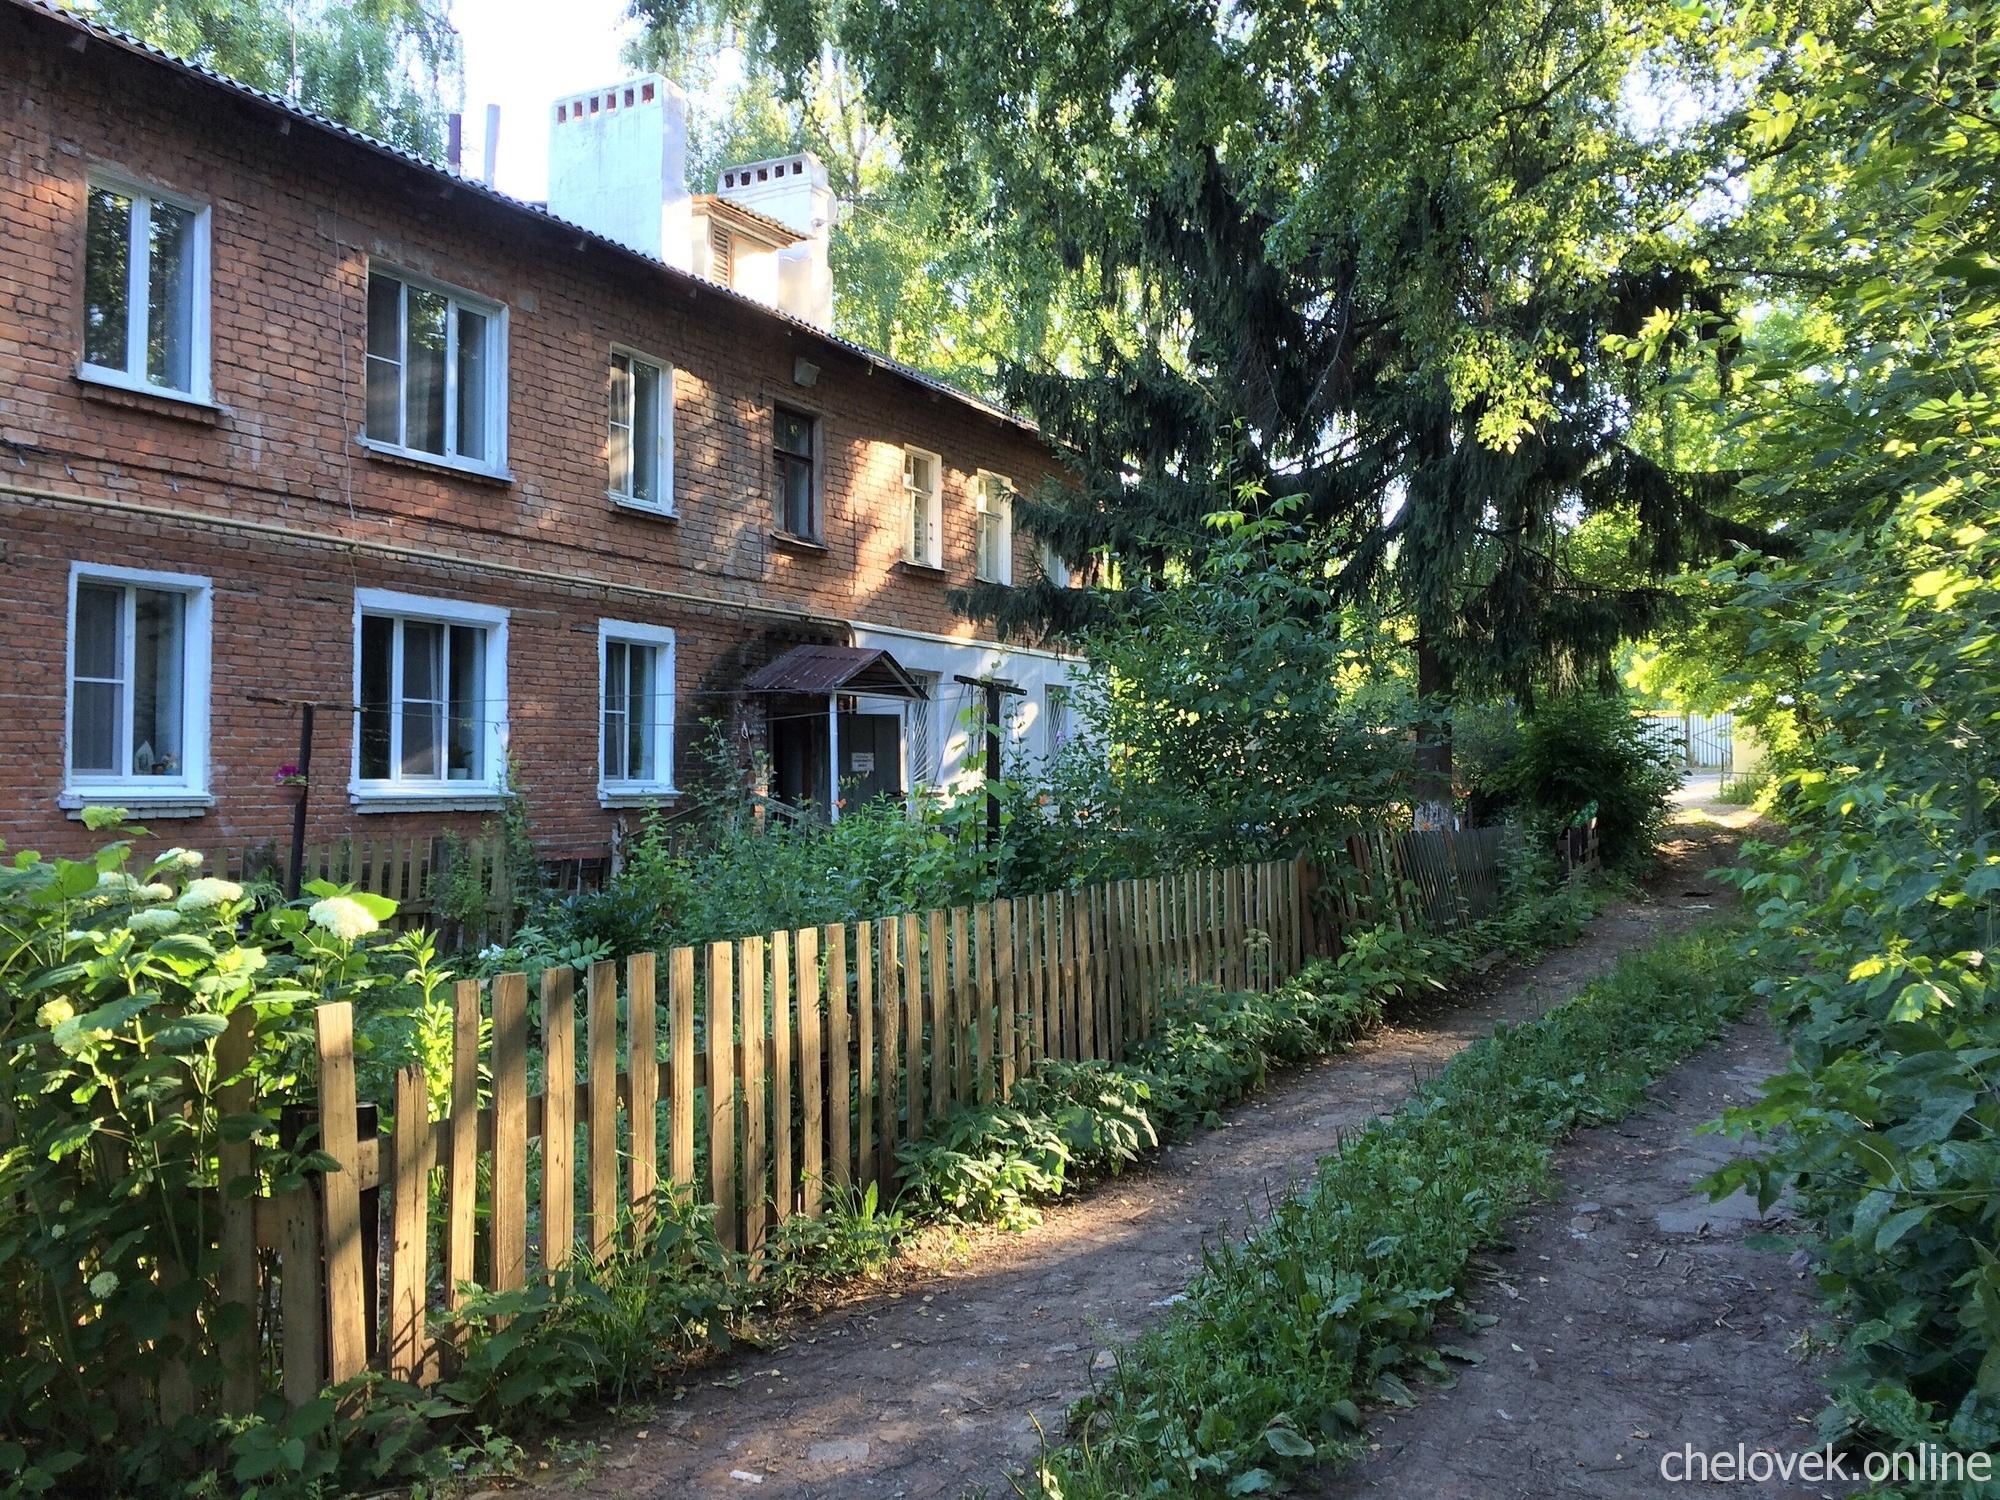 Старый кирпичный дом, забор, дорога. Нижний Новгород